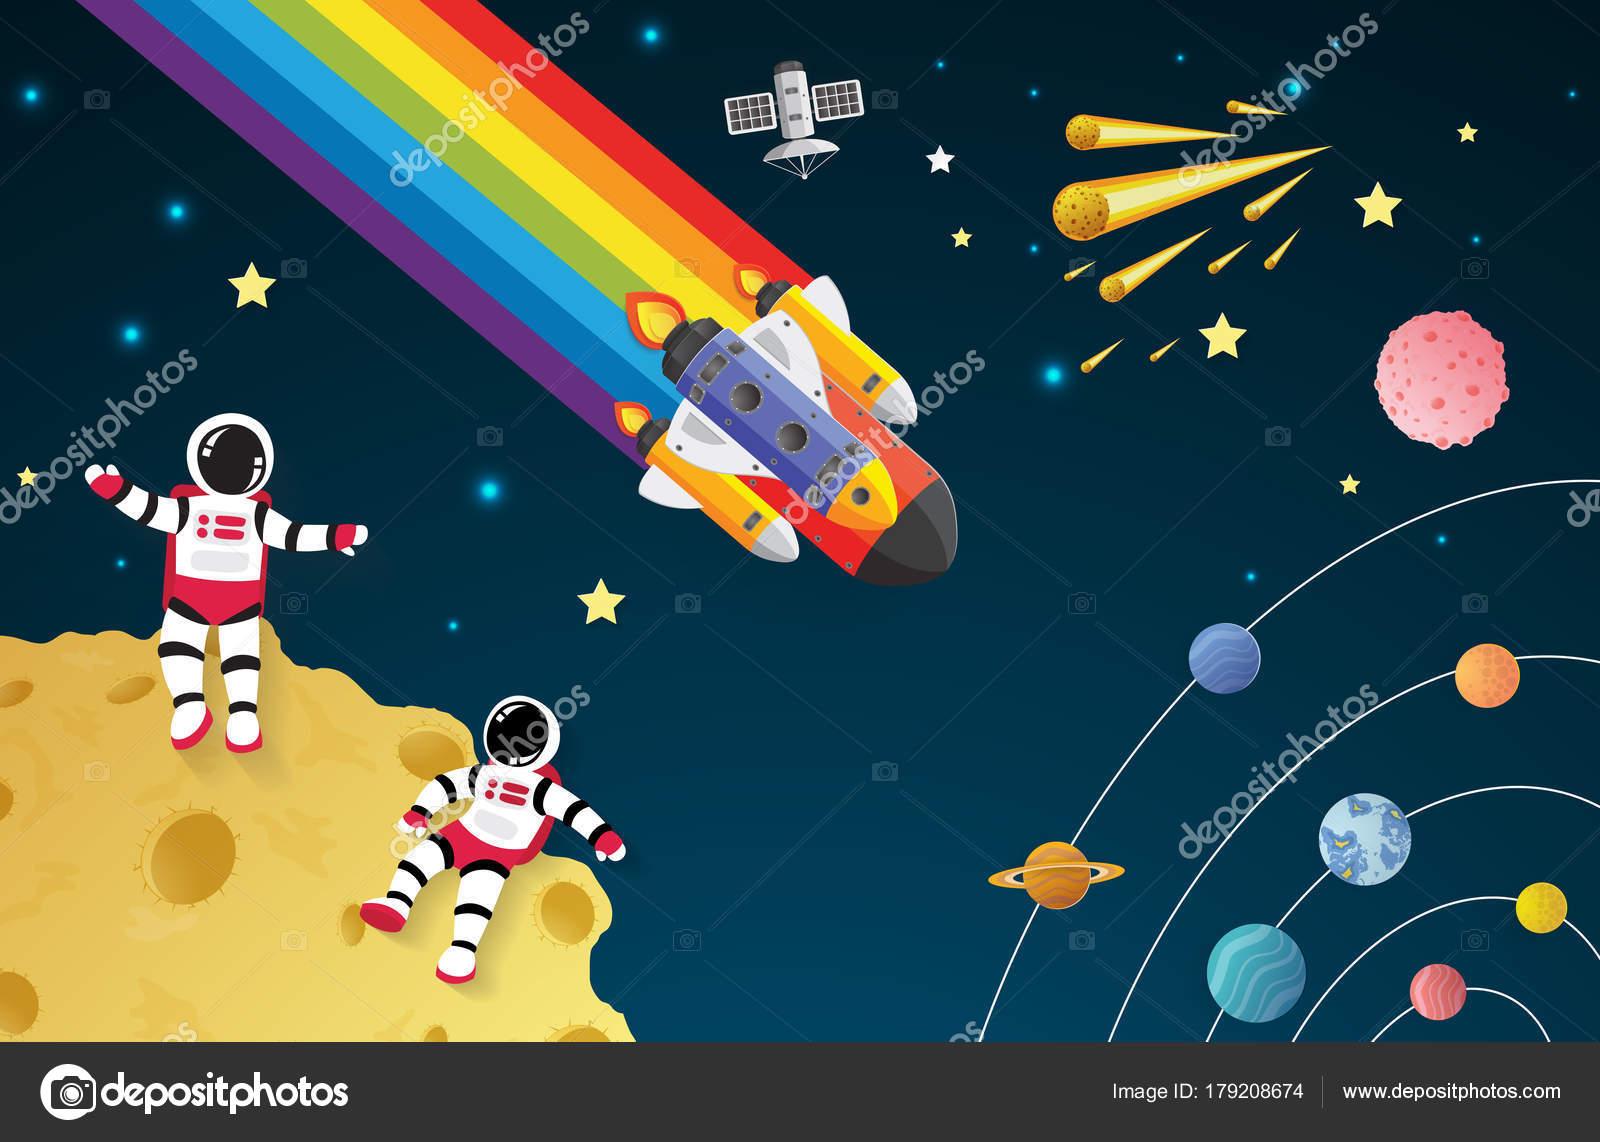 Cohete De Astronauta Y Vintage De Dibujos Animados: Nave Espacial Ninos Astronautas En Caricatura